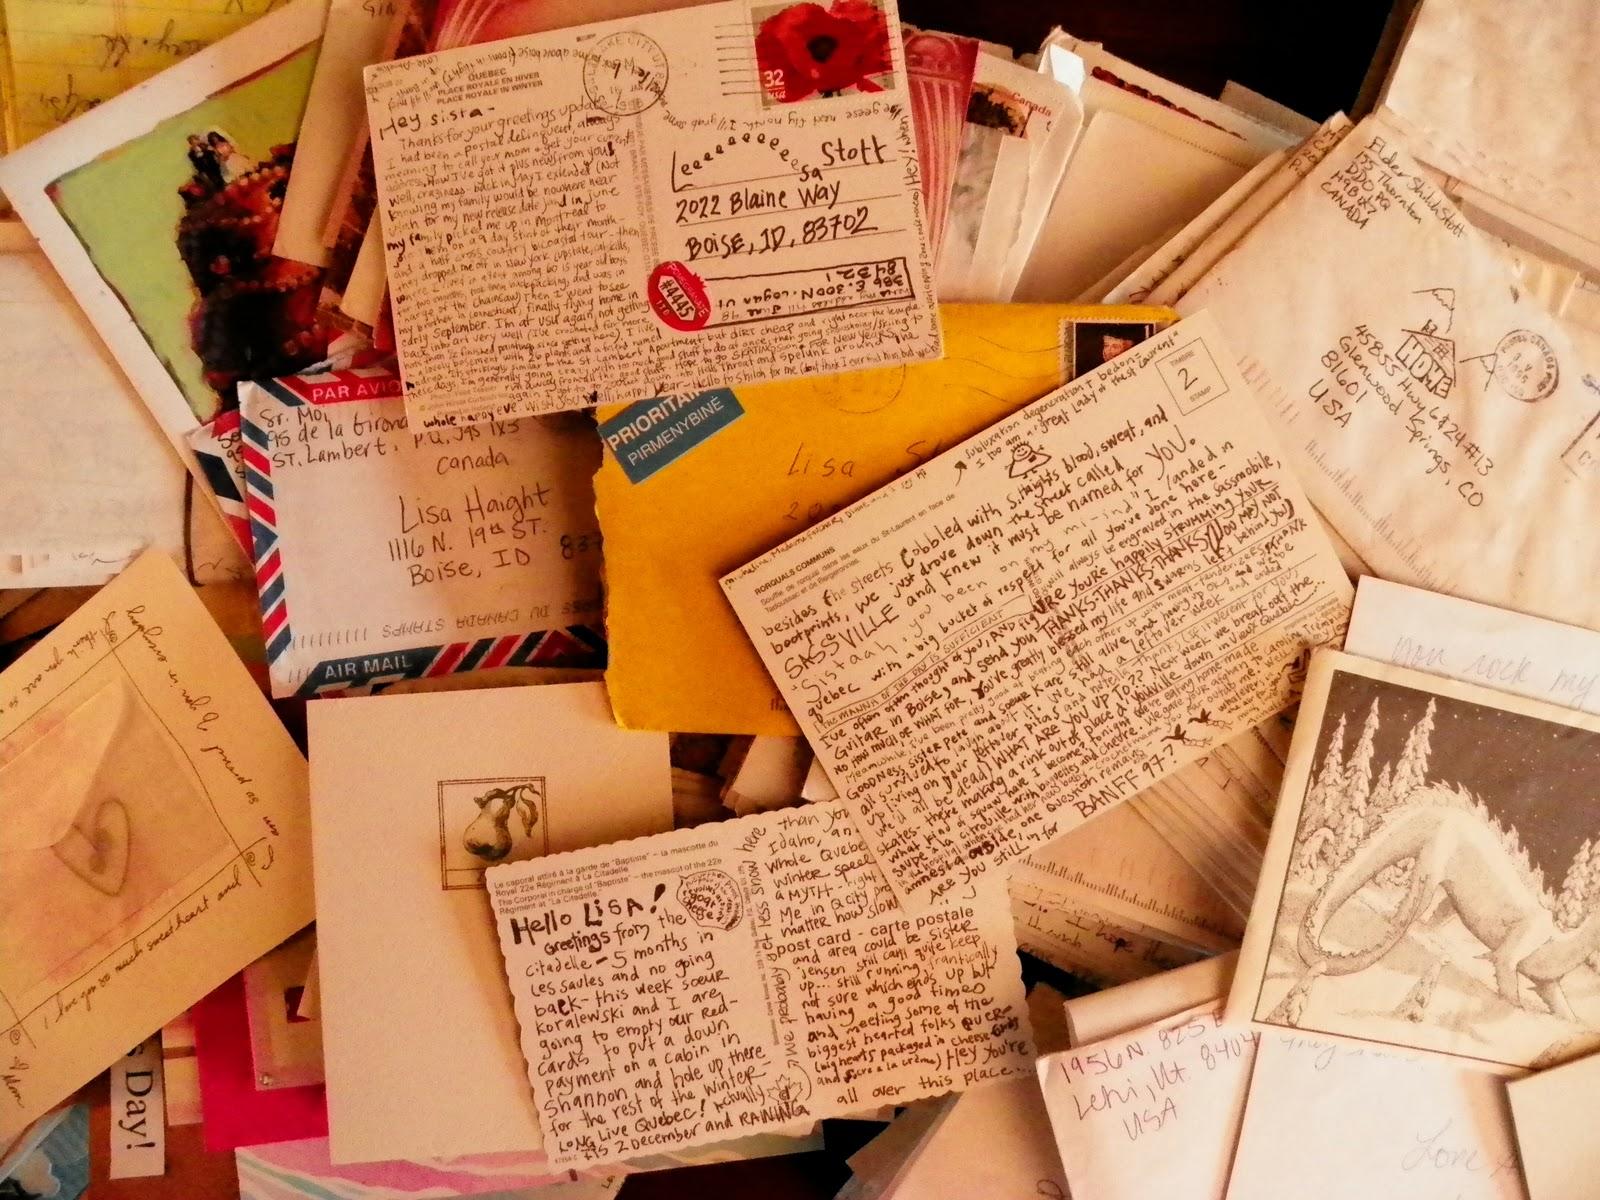 Cần có thư mời của người thân bên Mỹ Cần có thư mời của người thân bên Mỹ